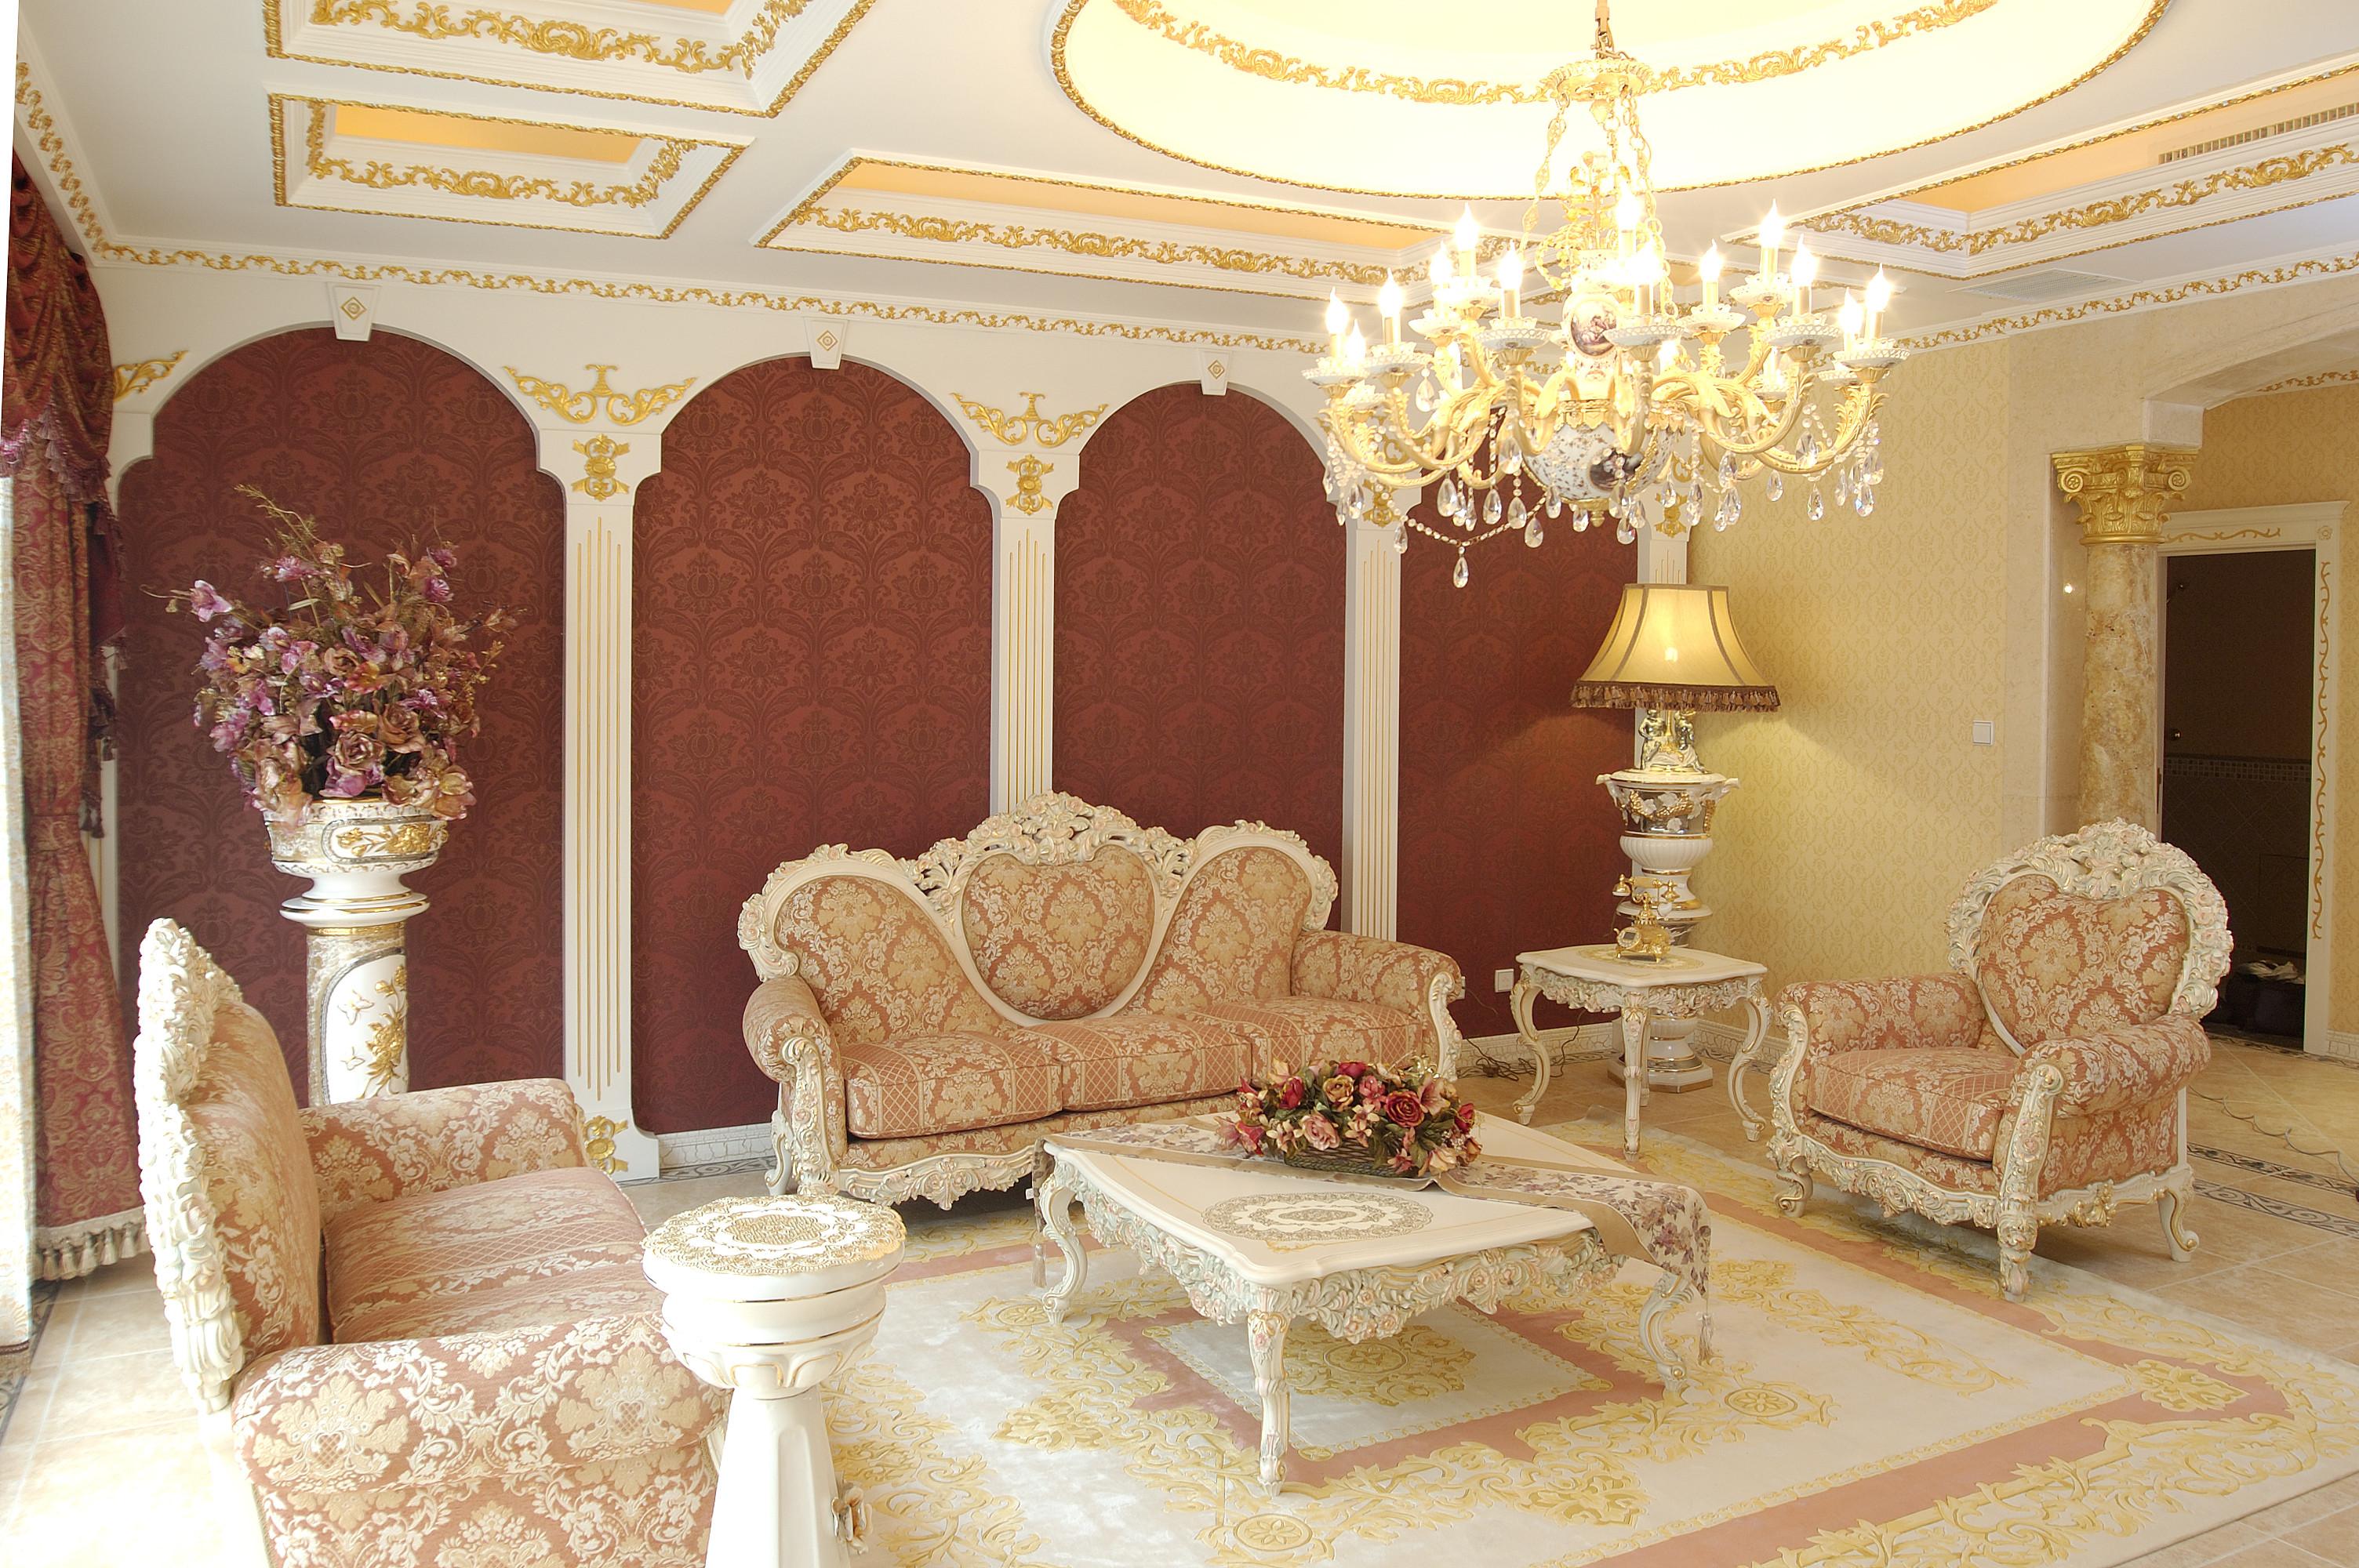 欧式奢华风格别墅装修客厅效果图